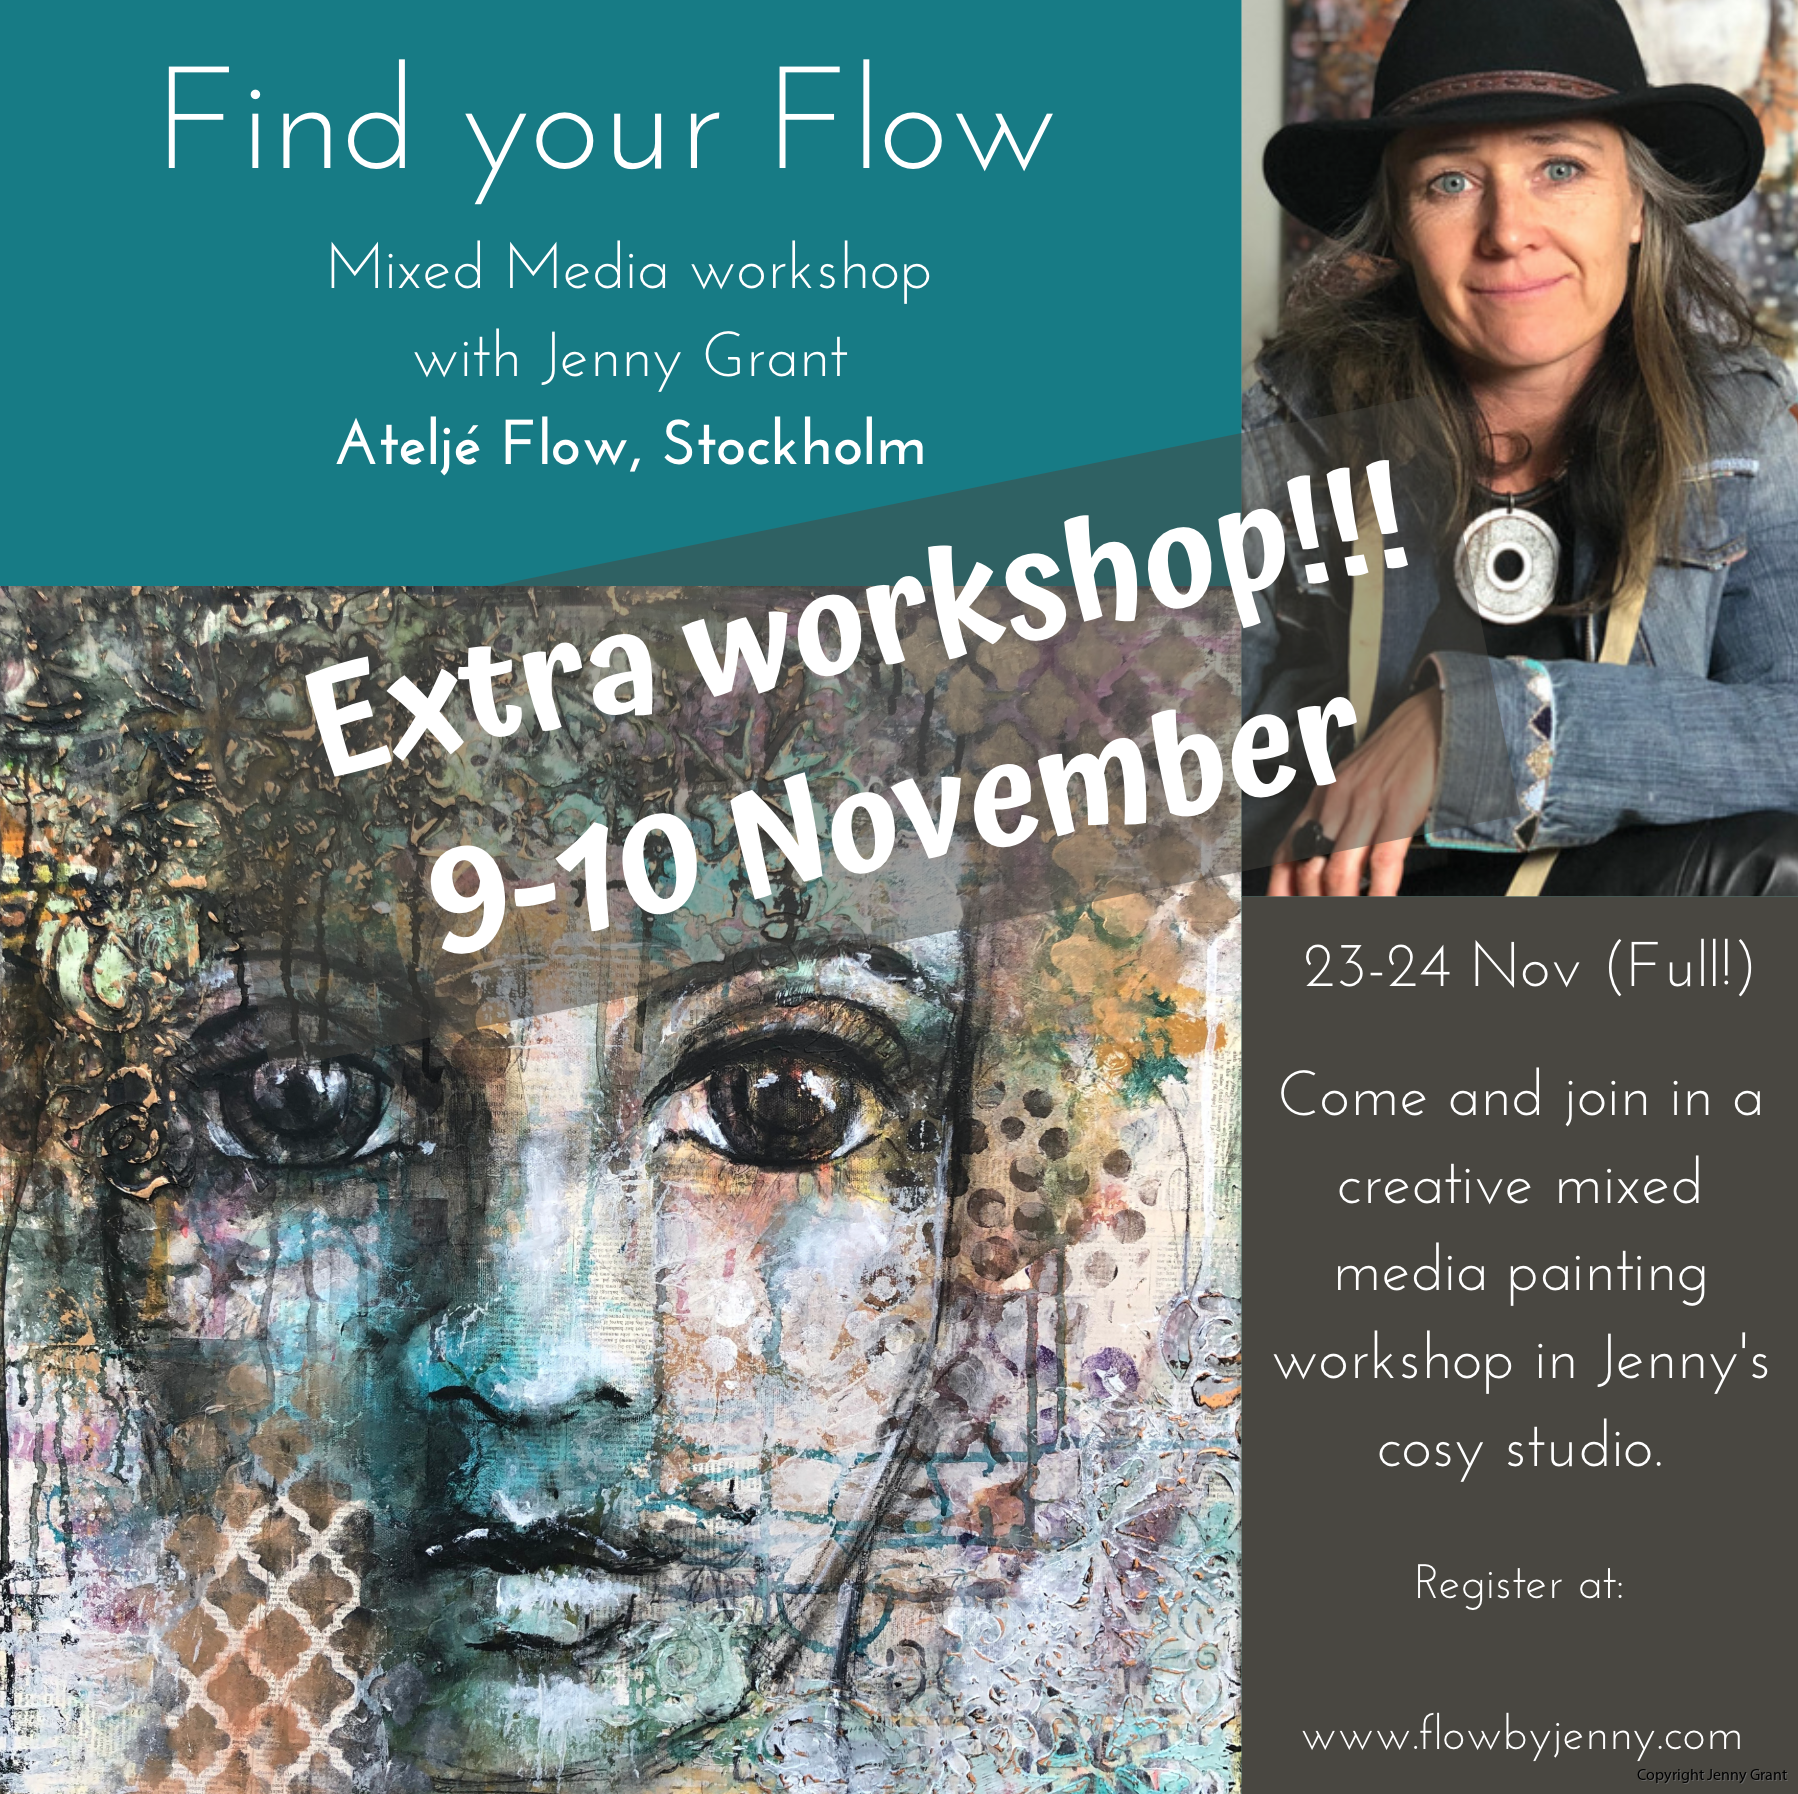 Find you Flow 9-10 Nov